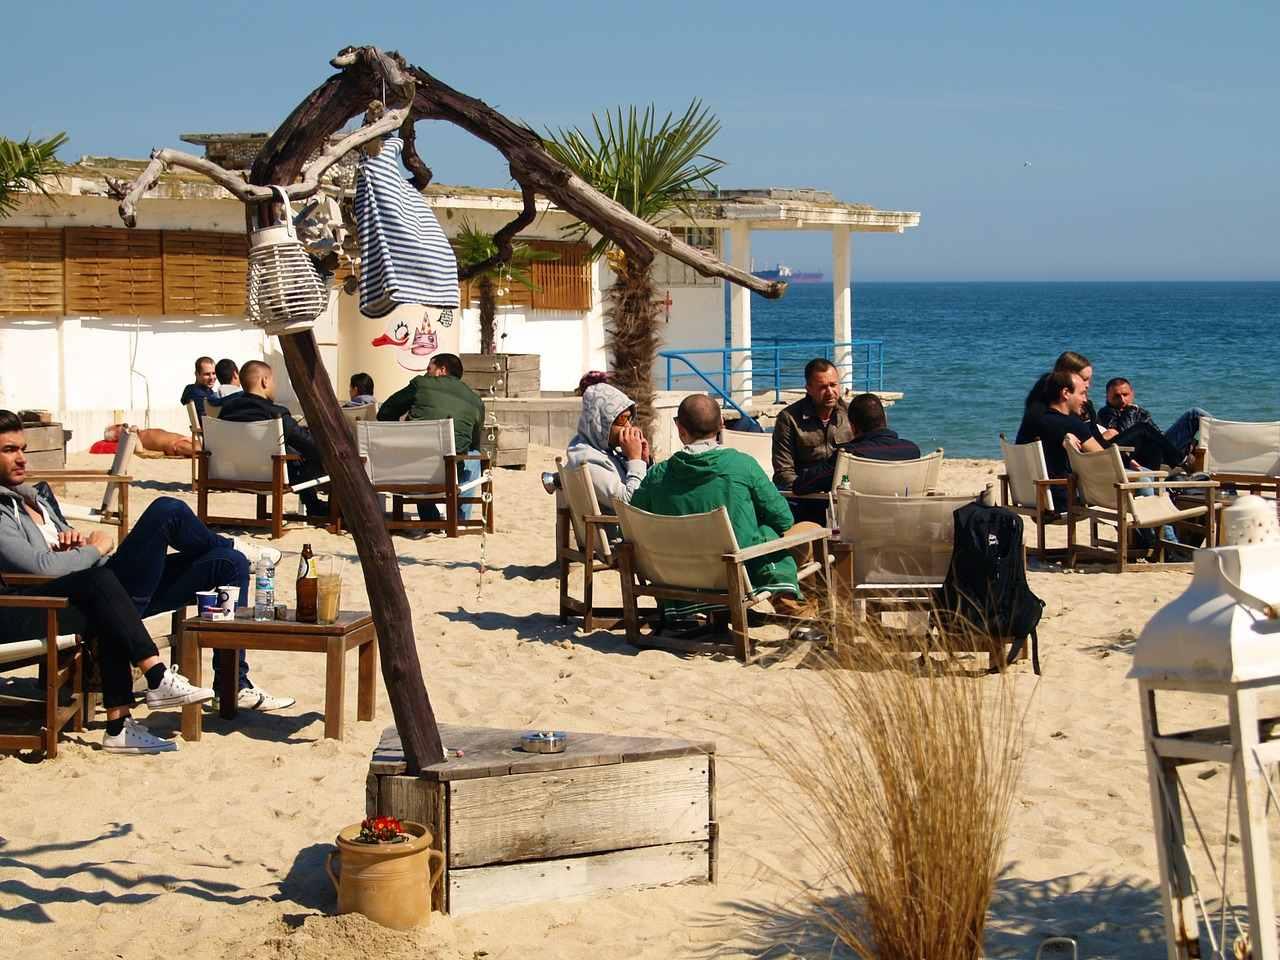 Bulgaria beach restaurant